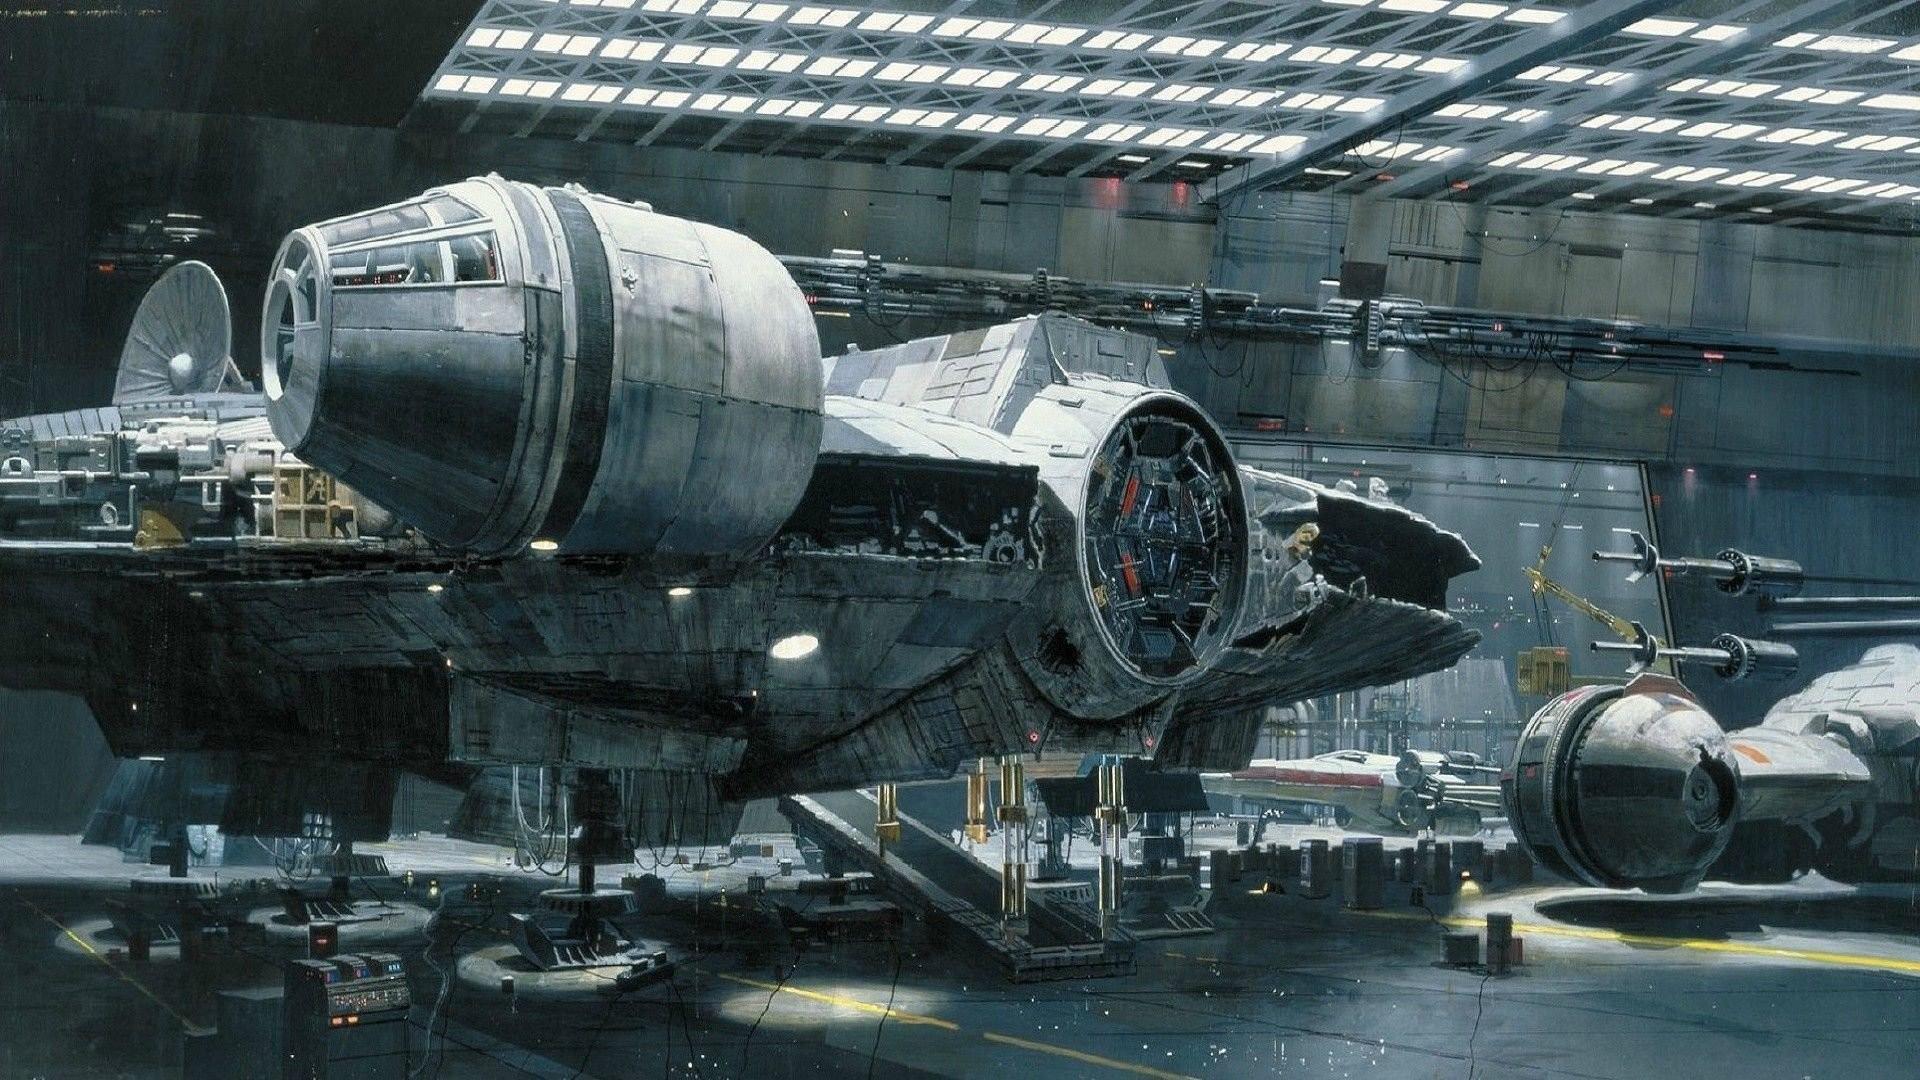 Star Wars Millenium Falcon Spaceships …